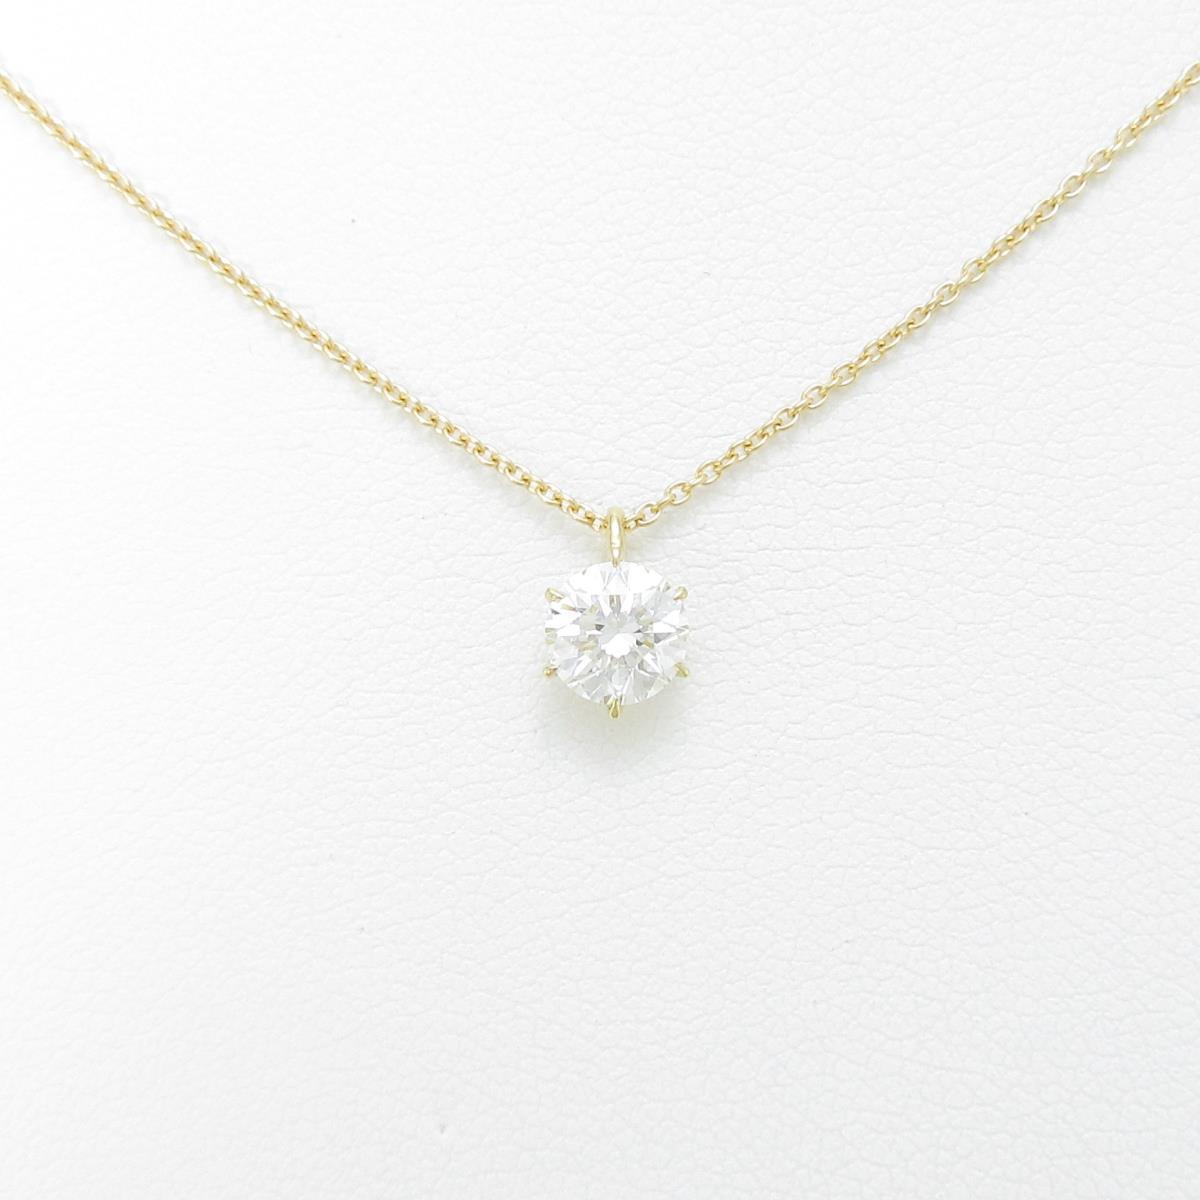 【リメイク】K18YG ダイヤモンドネックレス 0.563ct・G・VVS1・VG【中古】